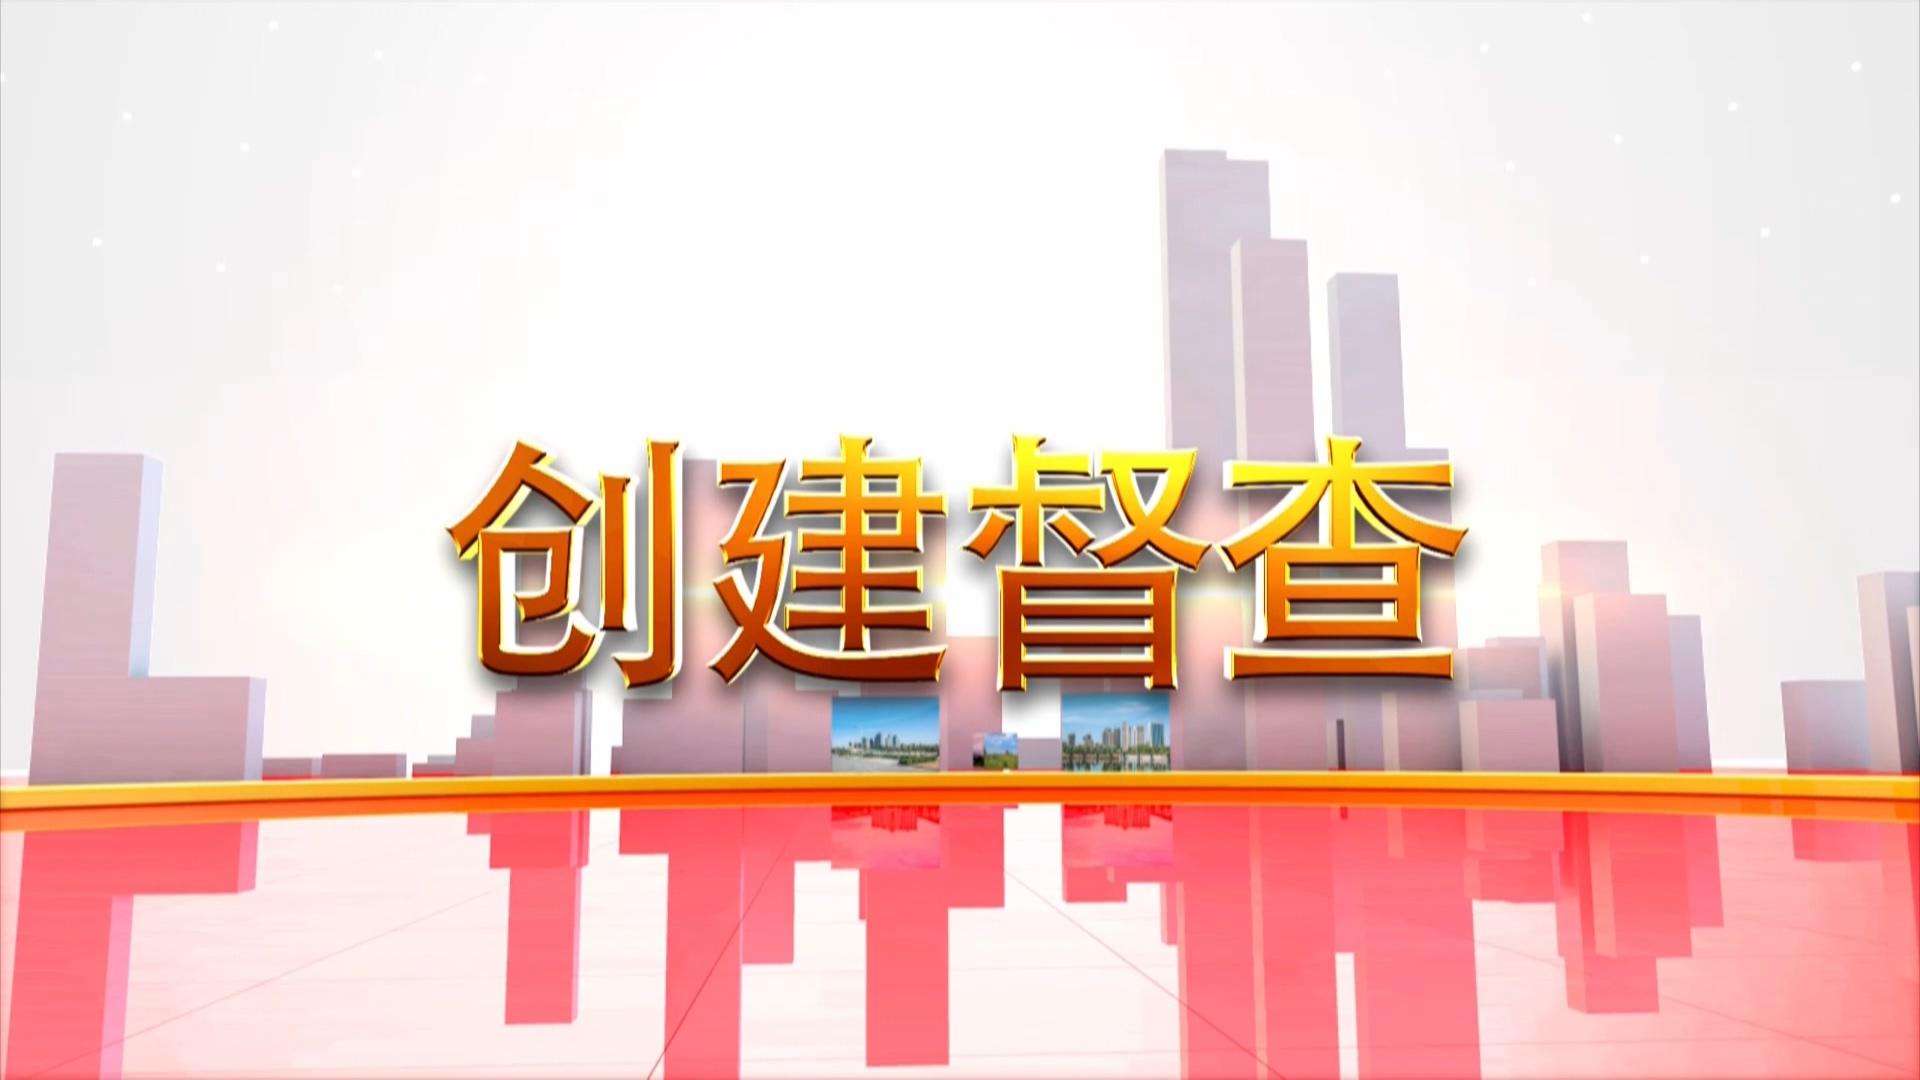 【创建督查】治理大气污染 保卫榆林蓝天 2019-07-03